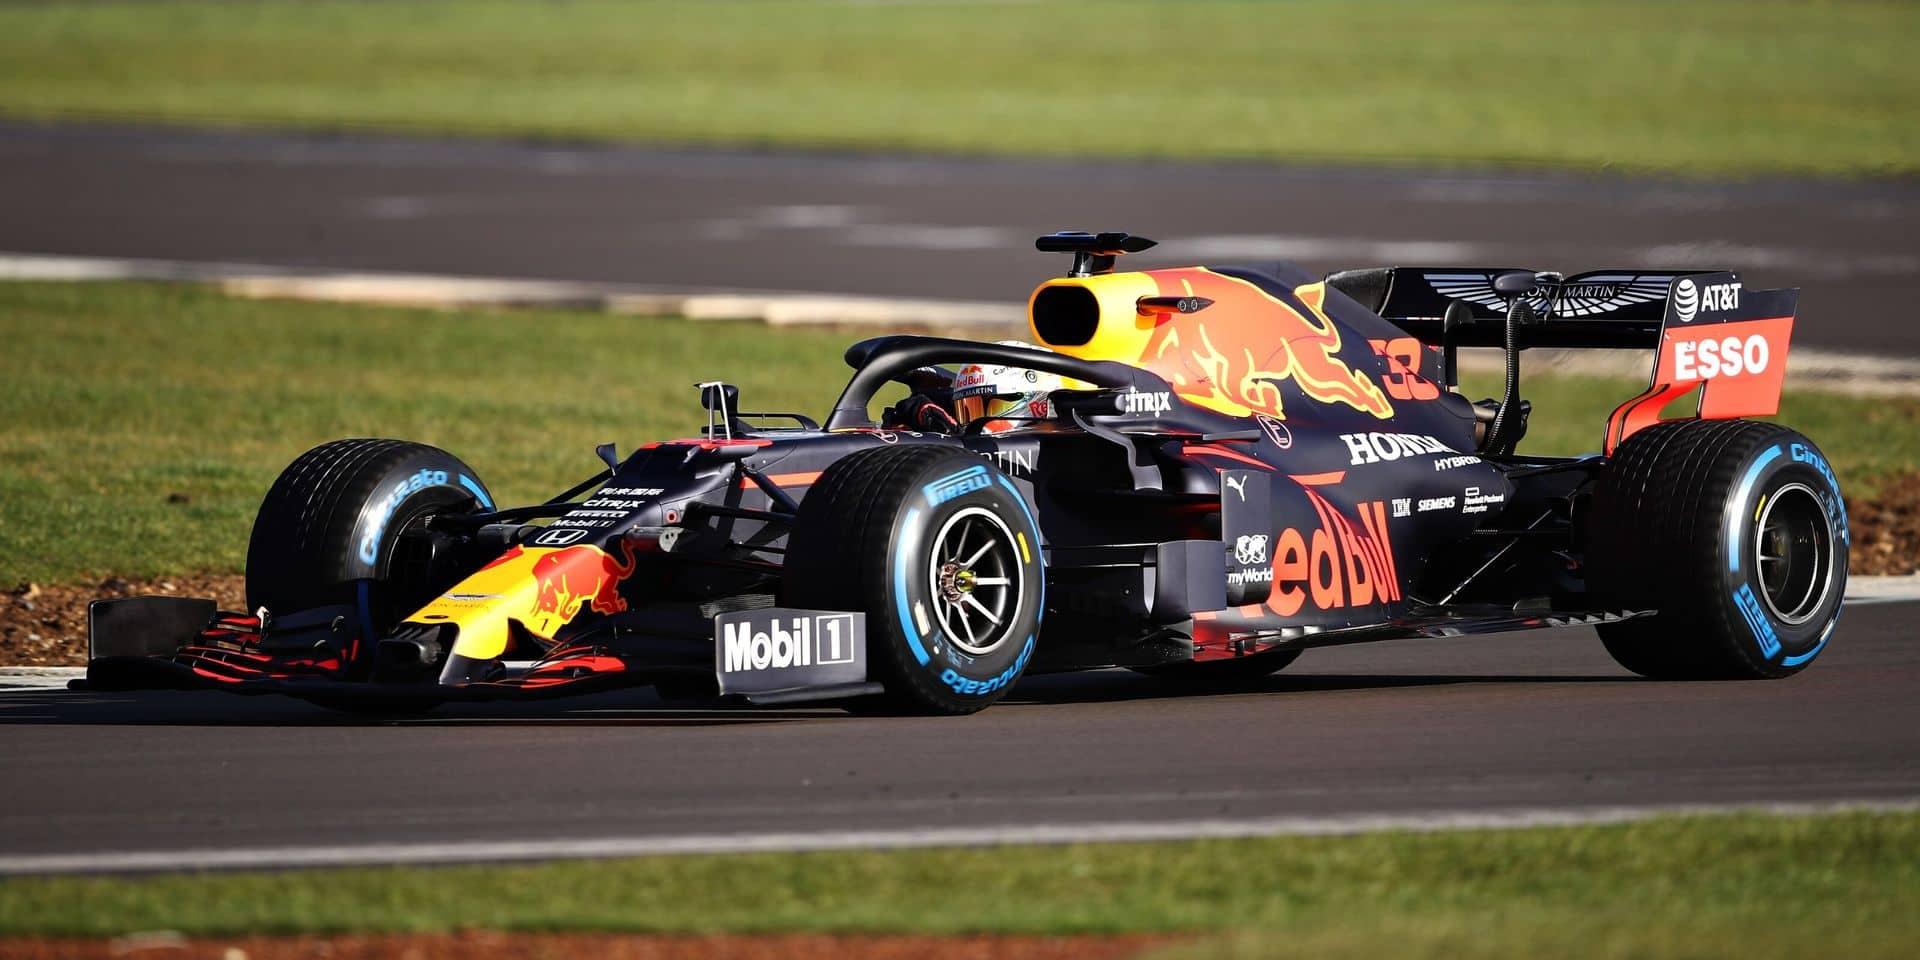 La nouvelle Red Bull, la RB16, a déjà pris la piste ce mercredi à Silverstone